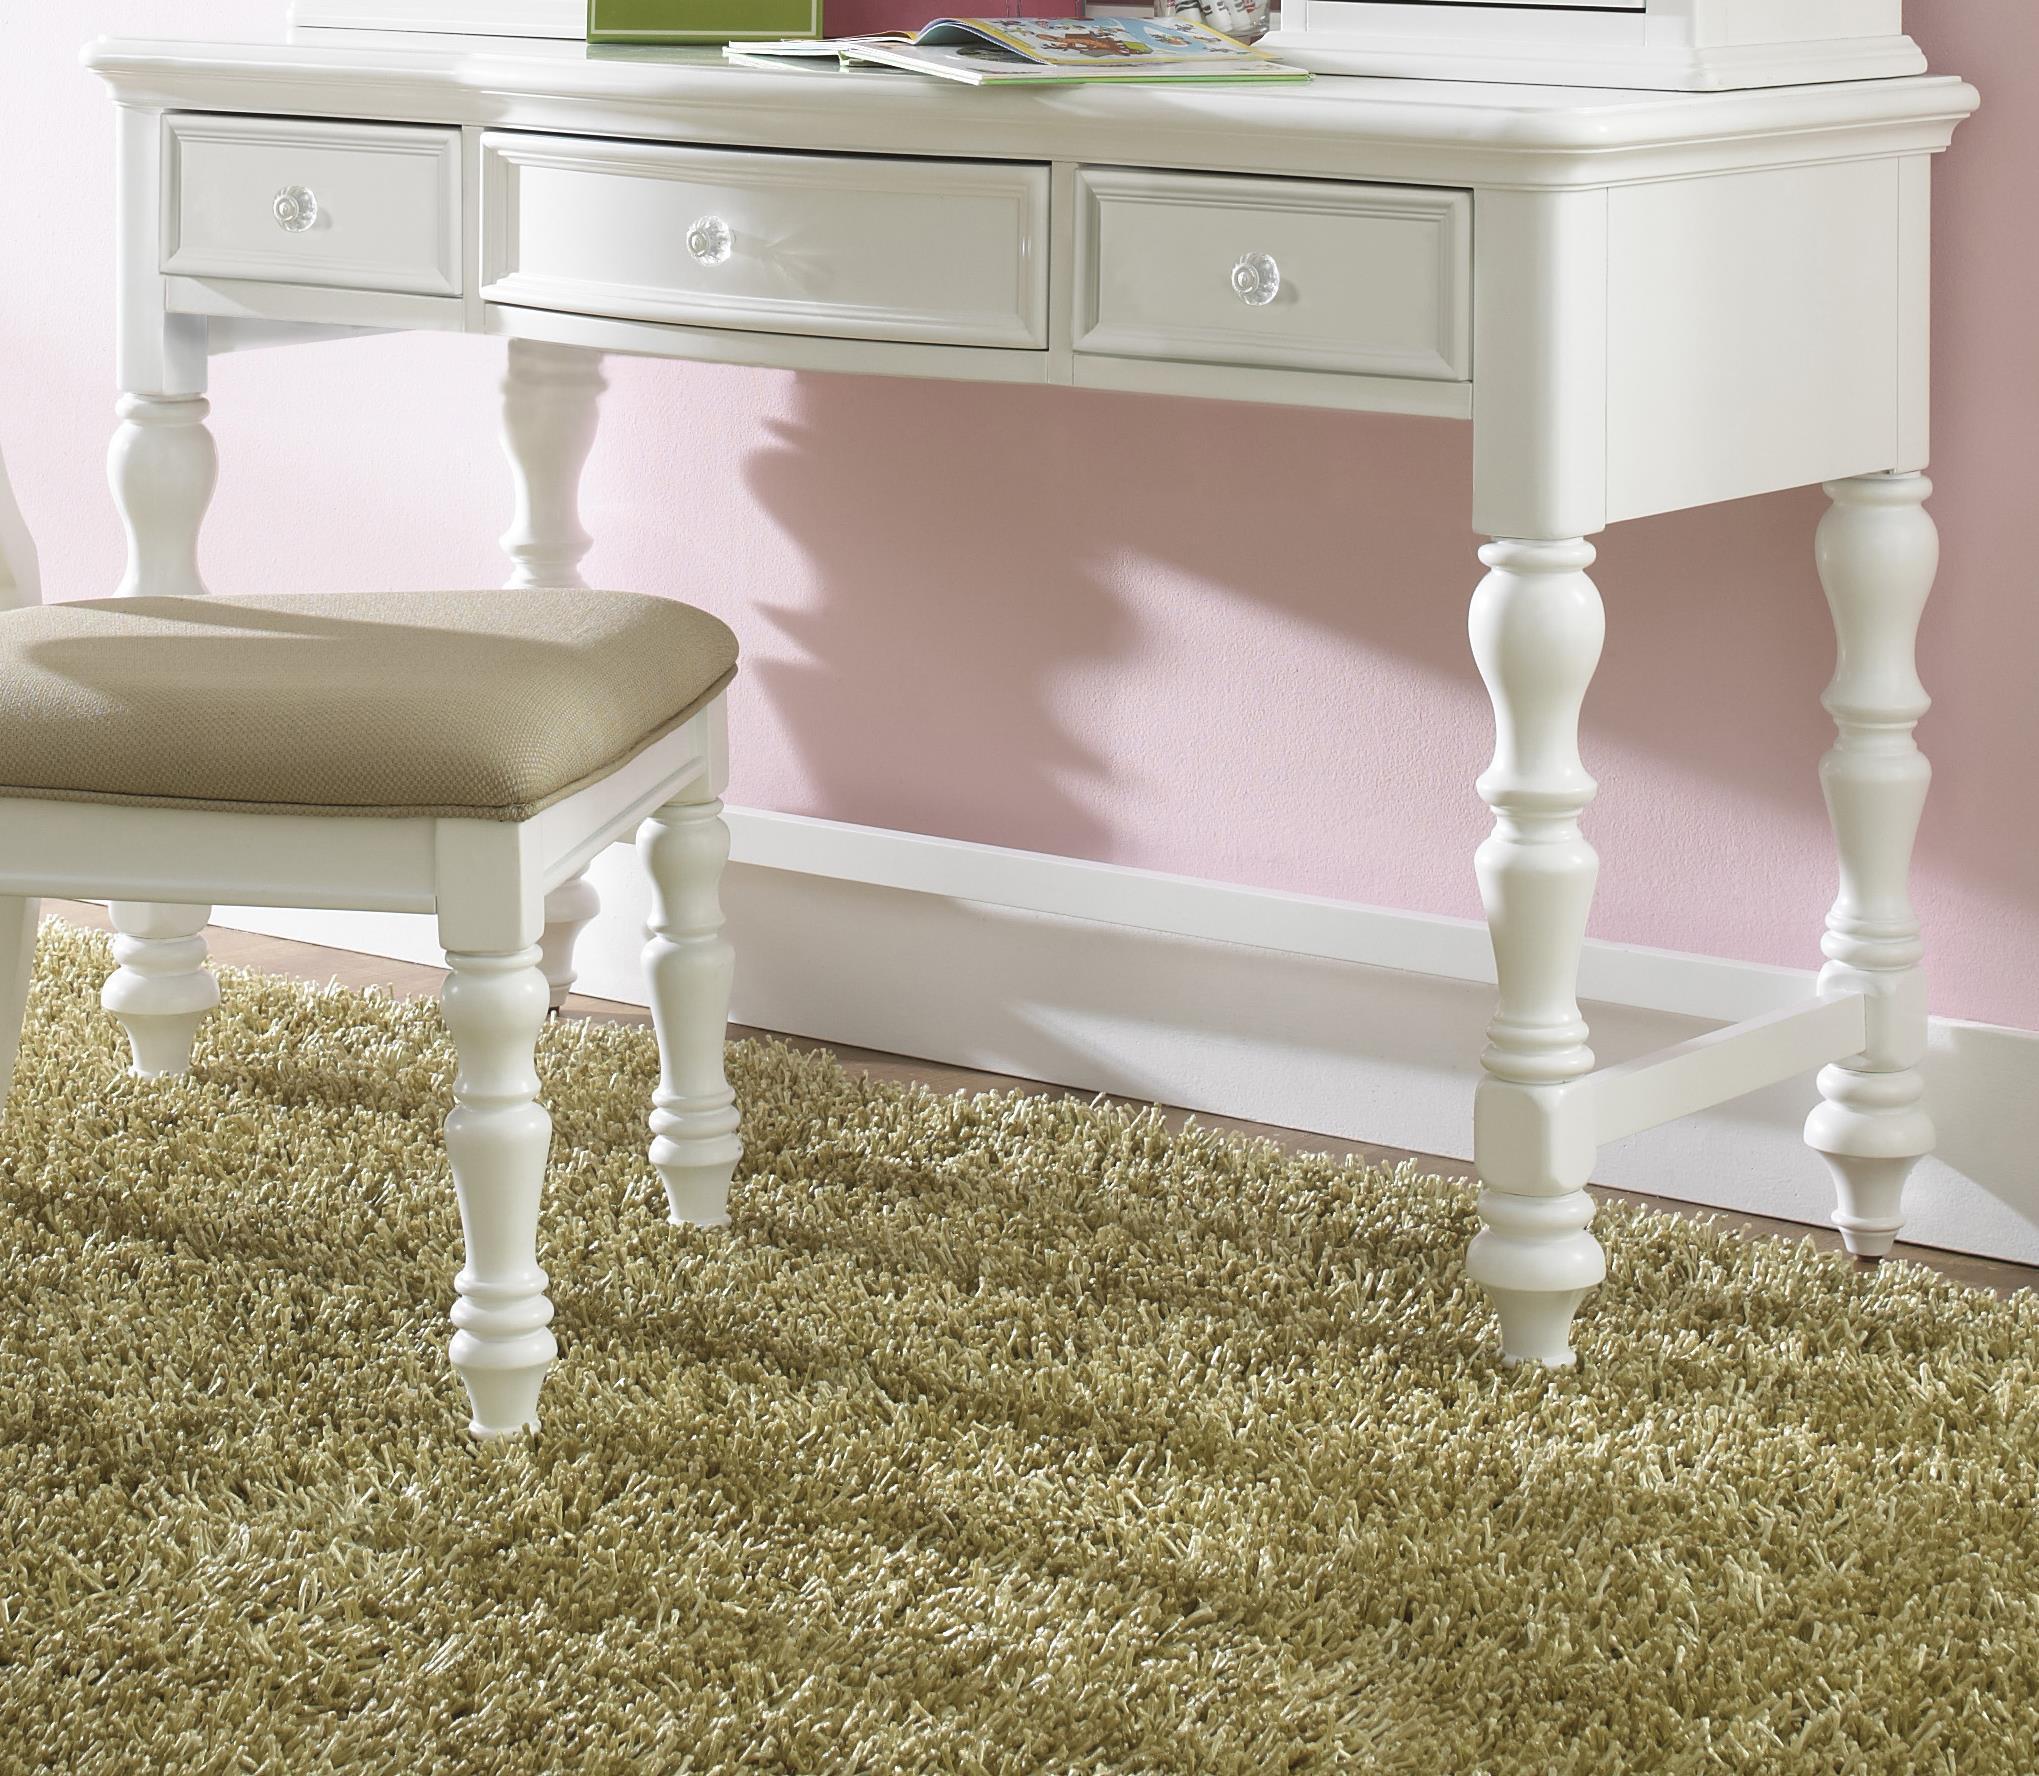 Morris Home Furnishings Sarasota Sarasota Vanity Desk - Item Number: 8470-414